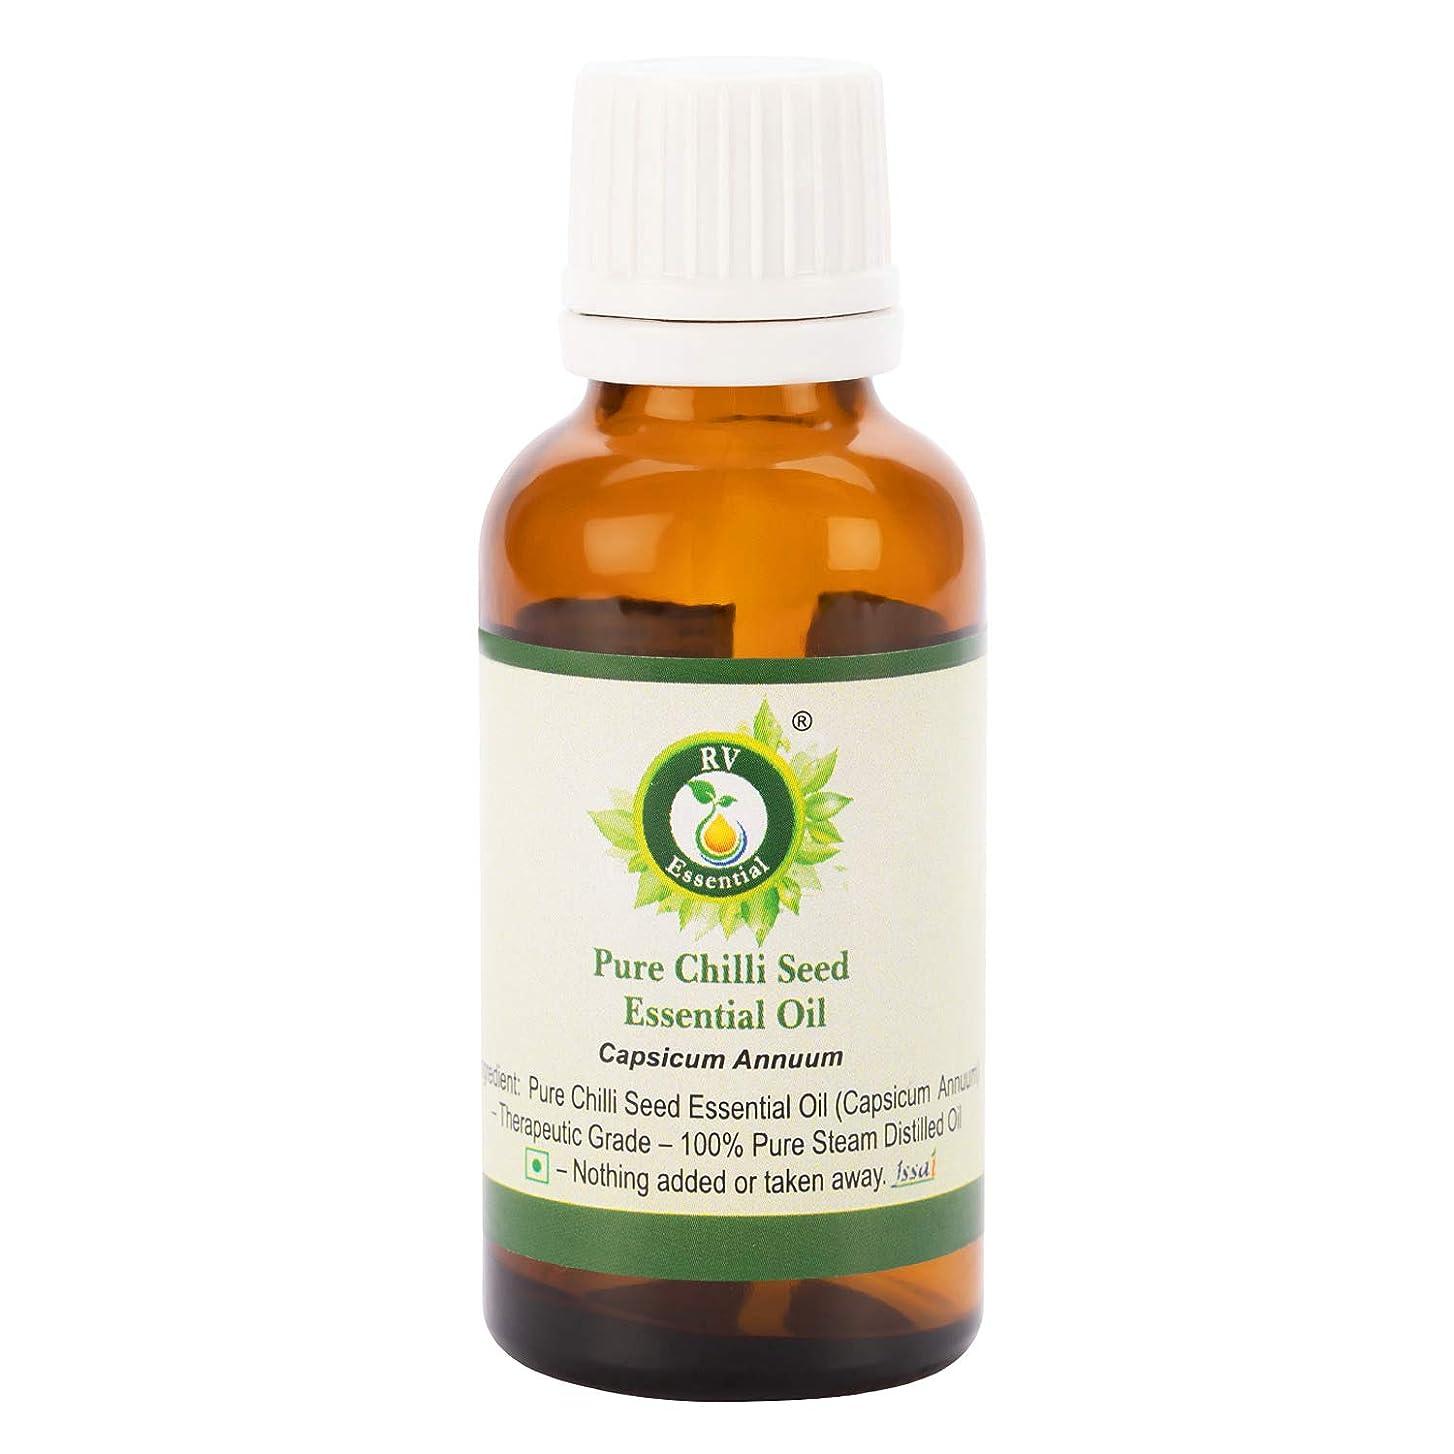 連結する引き潮シロクマピュアチリシードエッセンシャルオイル100ml (3.38oz)- Capsicum Annuum (100%純粋&天然スチームDistilled) Pure Chilli Seed Essential Oil